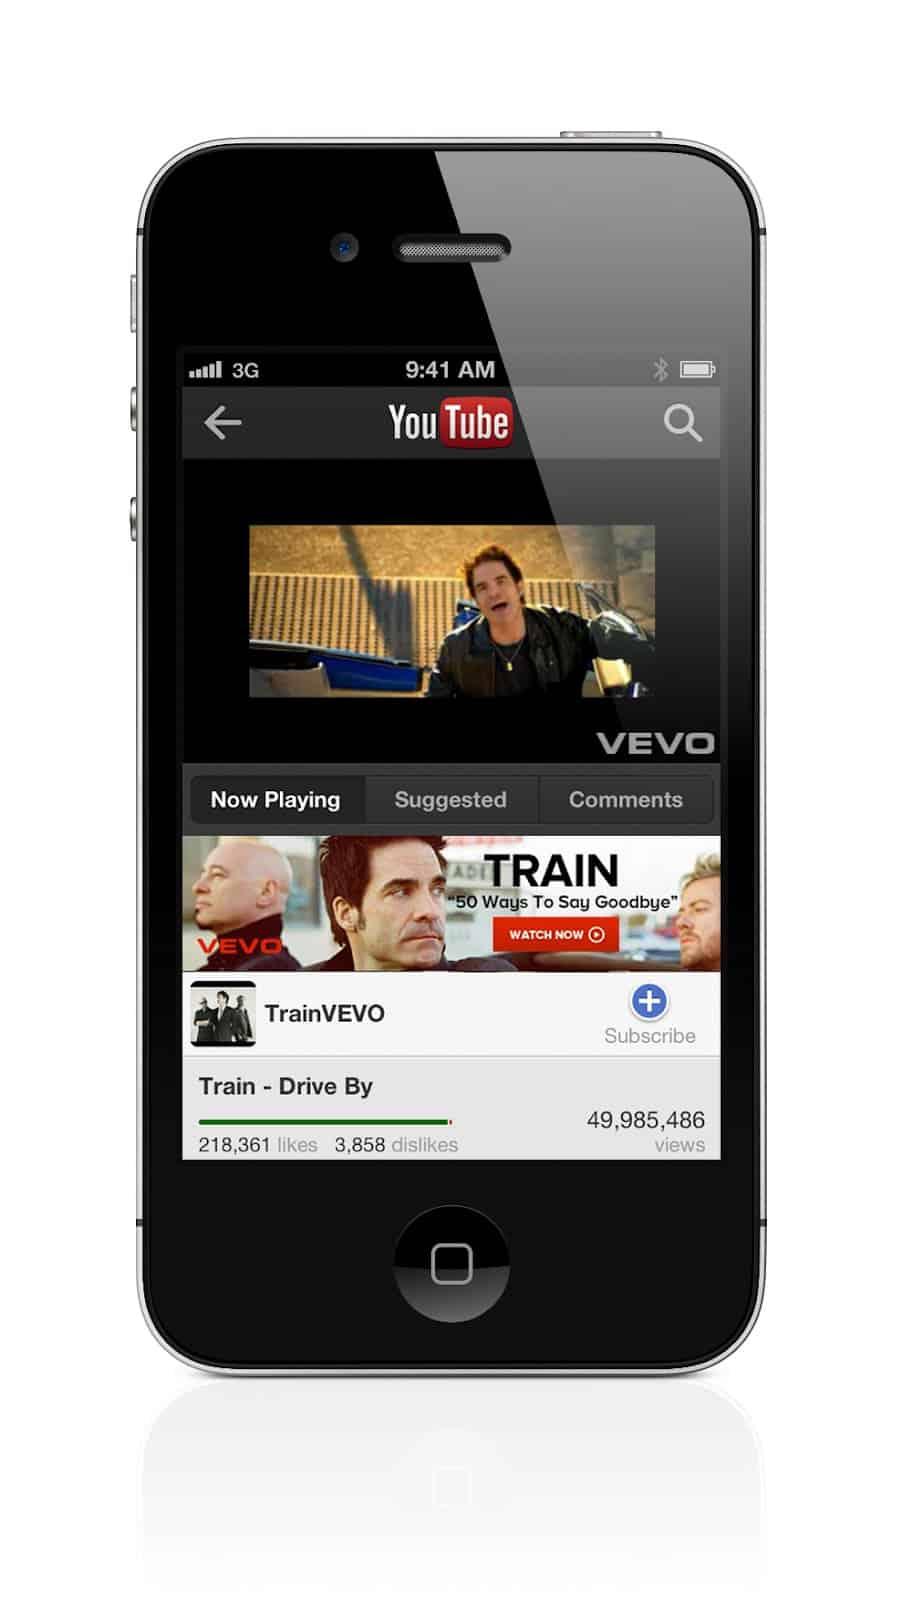 طرح تطبيق YouTube جديد لجهاز iPhone